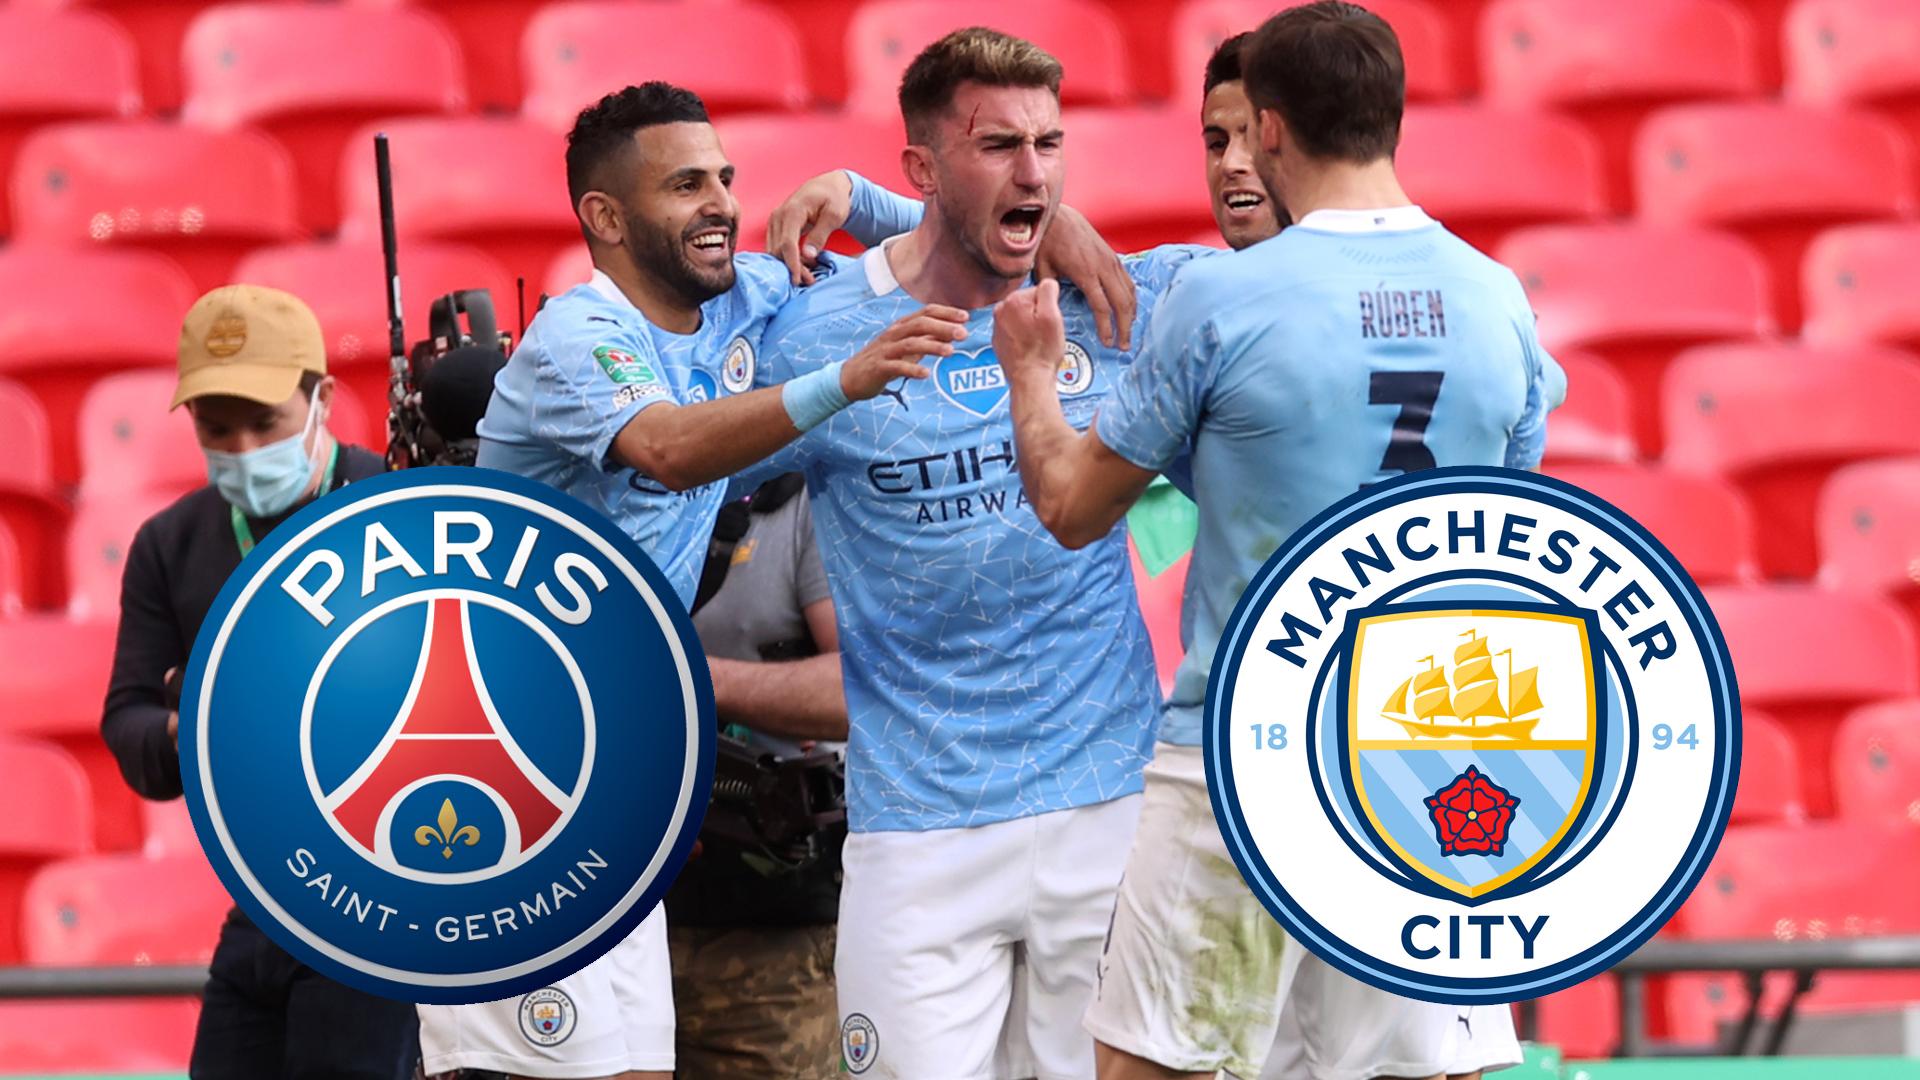 DAZN oder Sky - wo läuft PSG (Paris-Saint-Germain) vs. Manchester City  heute live im TV und LIVE-STREAM?